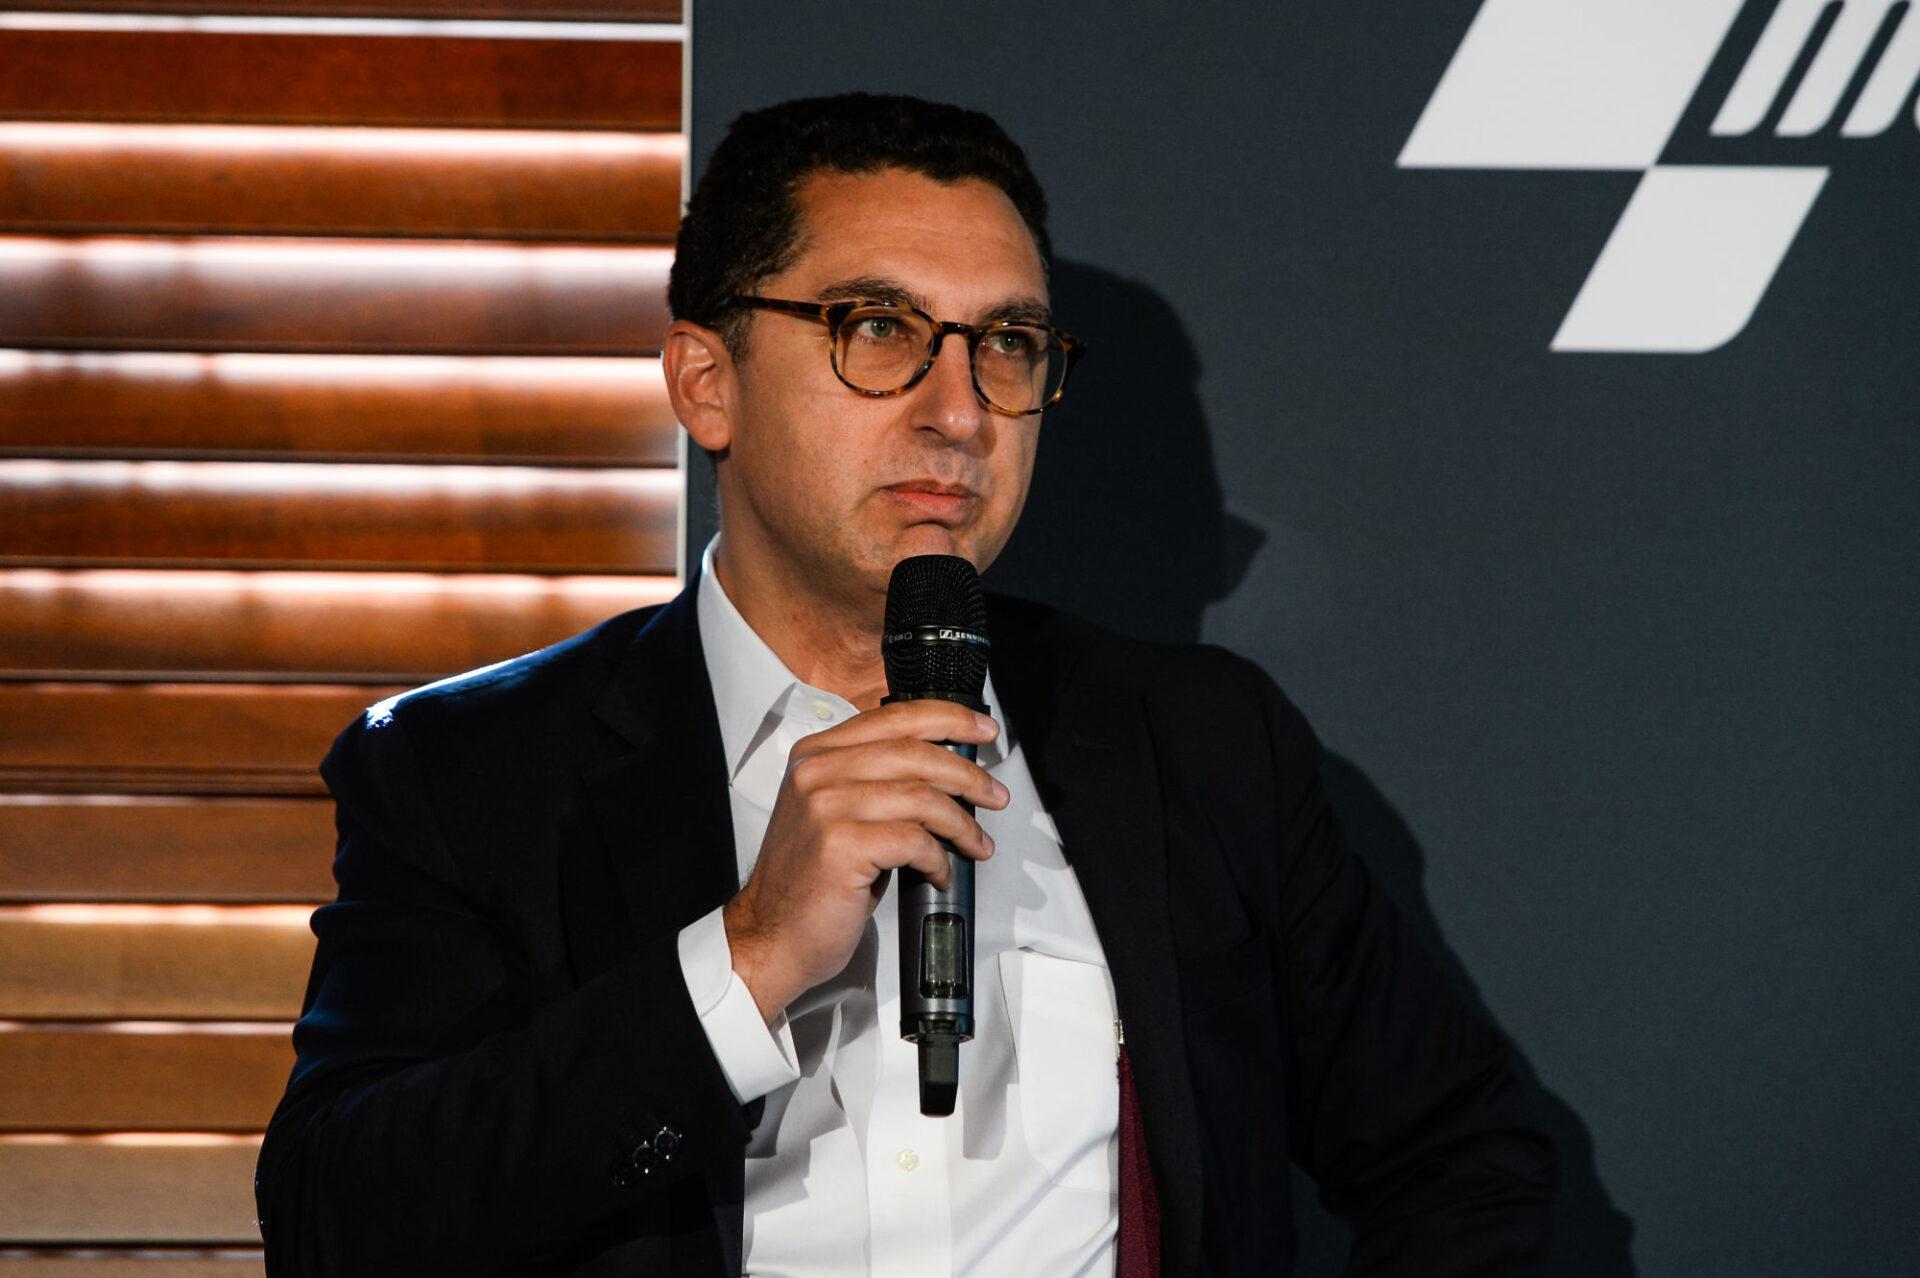 Maxime Saada, le patron de Canal+, va probablement devoir payer et diffuser le lot 3 de la Ligue 1 pendant la saison 2021/2022. Icon Sport